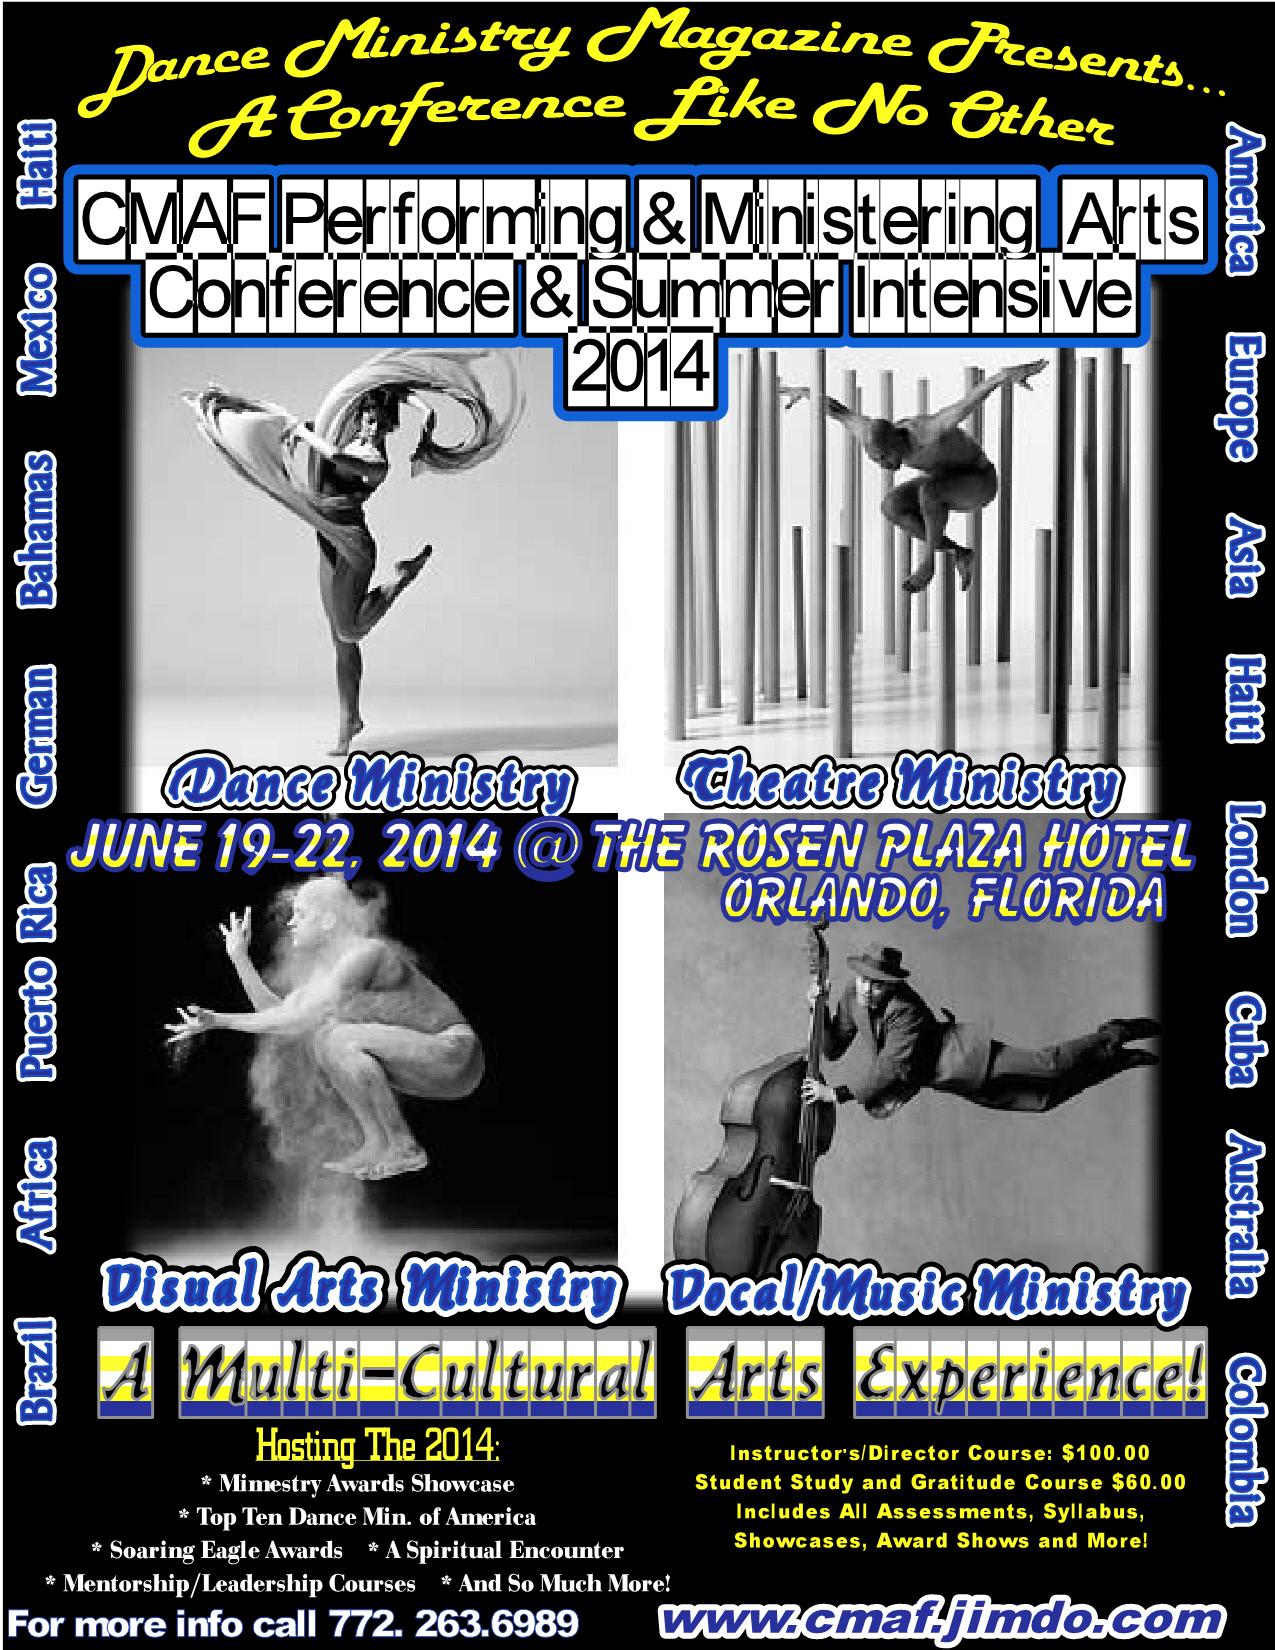 CMAF Conference